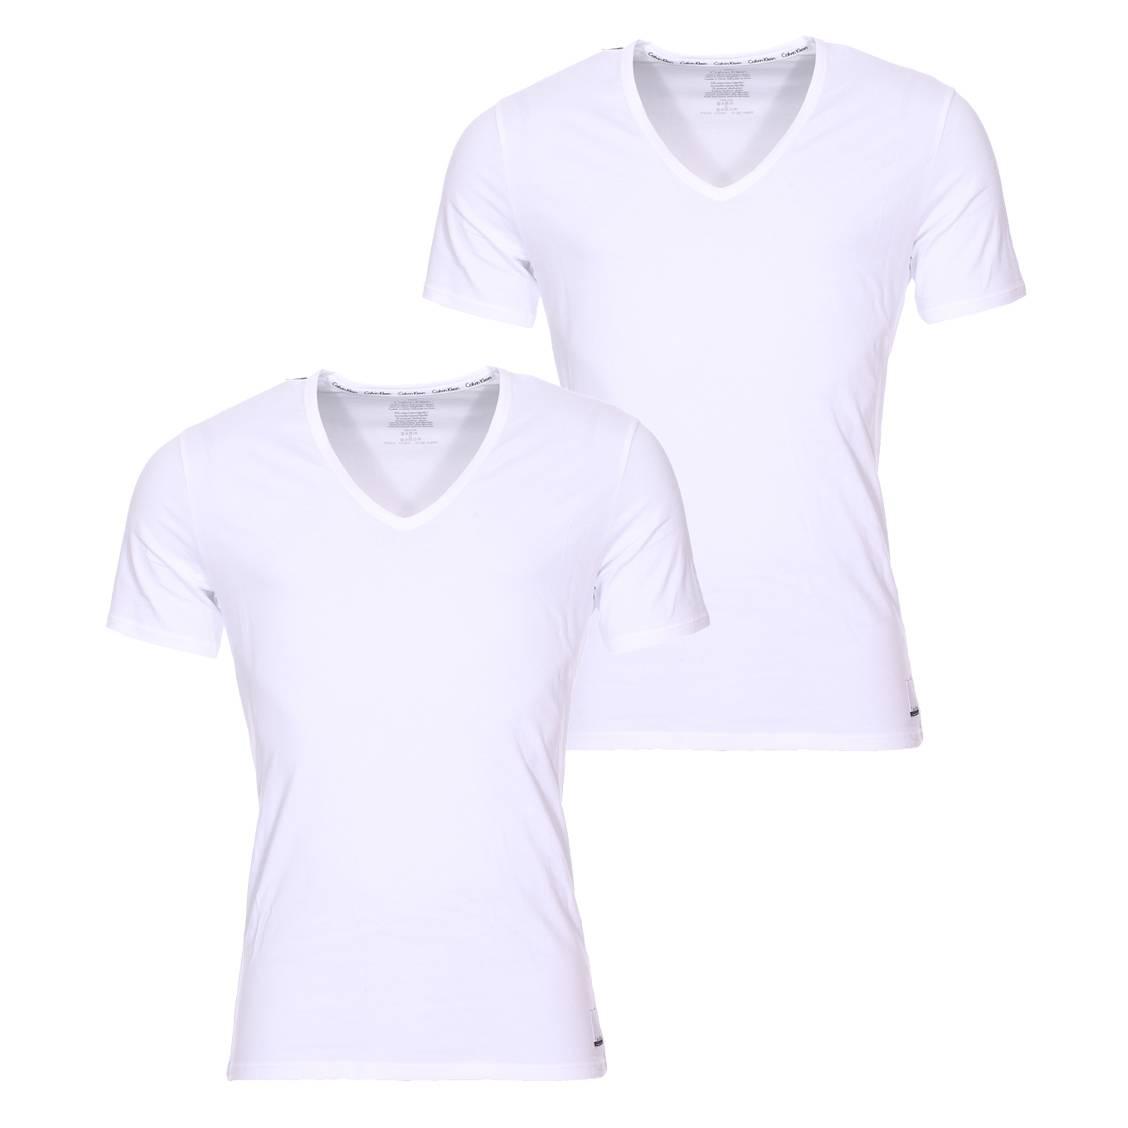 Lot de 2 tee-shirts col v calvin klein en coton stretch blanc